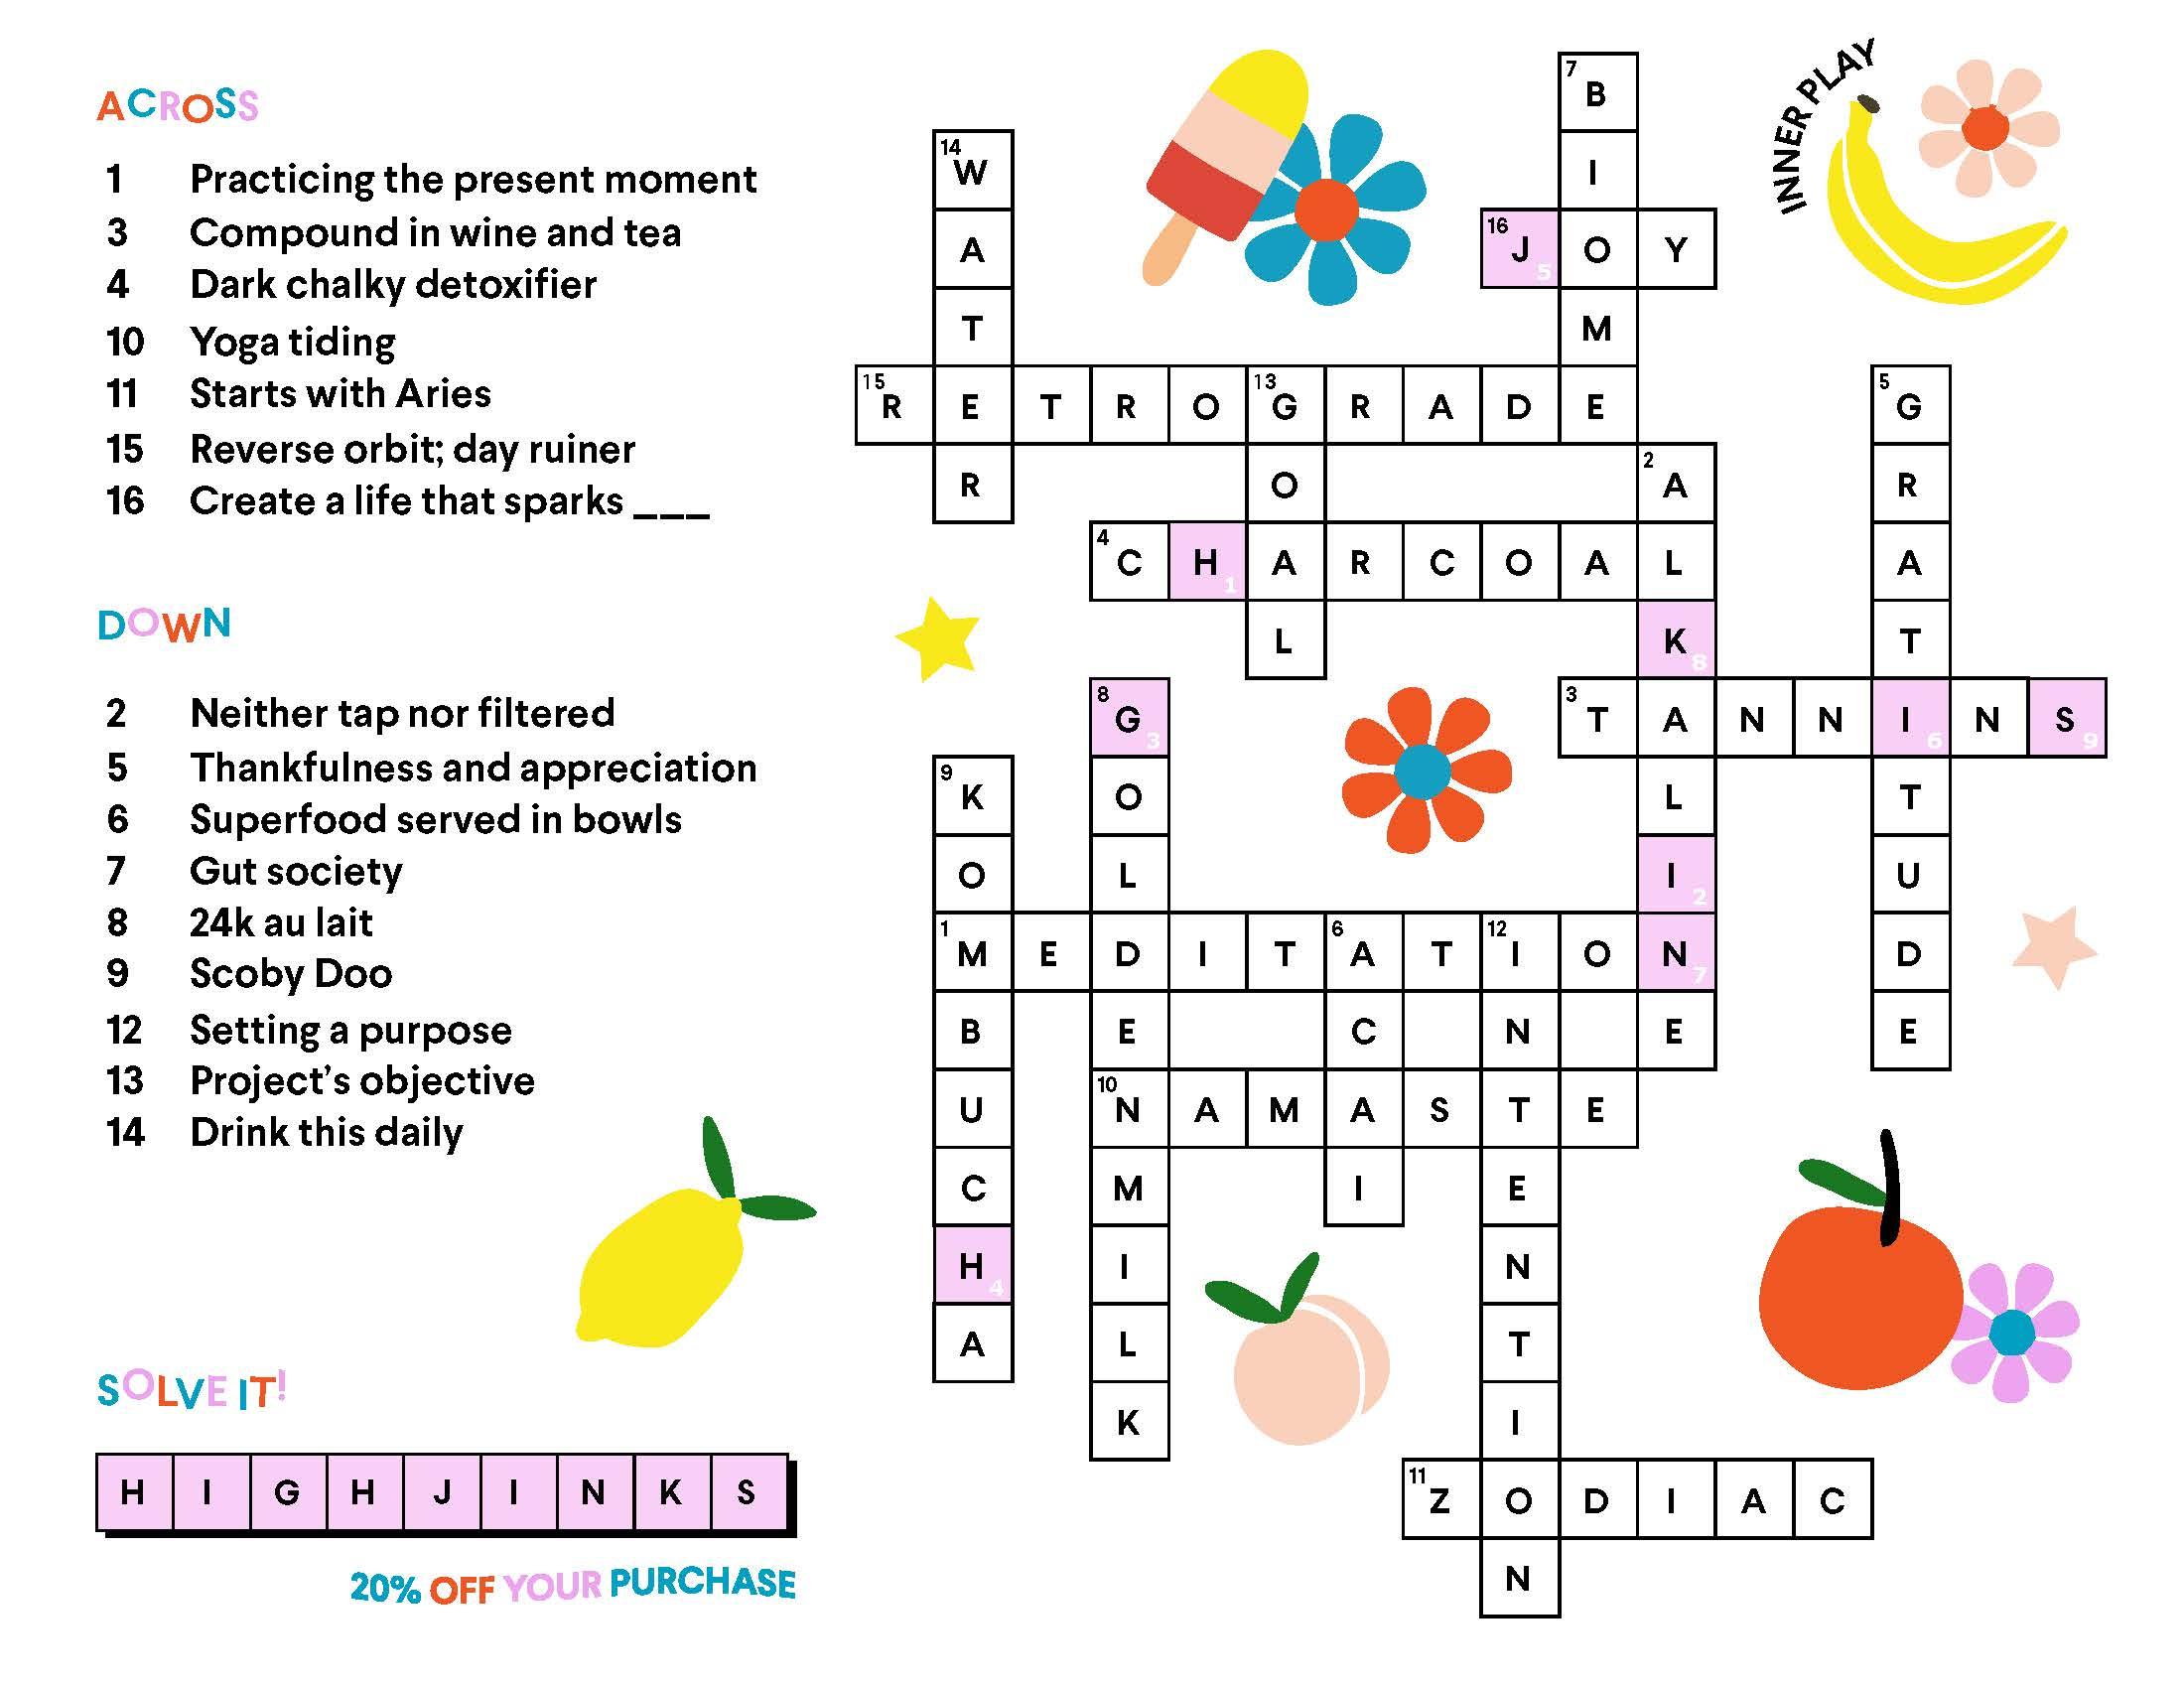 InnerPlay_Crossword_Solved.jpg